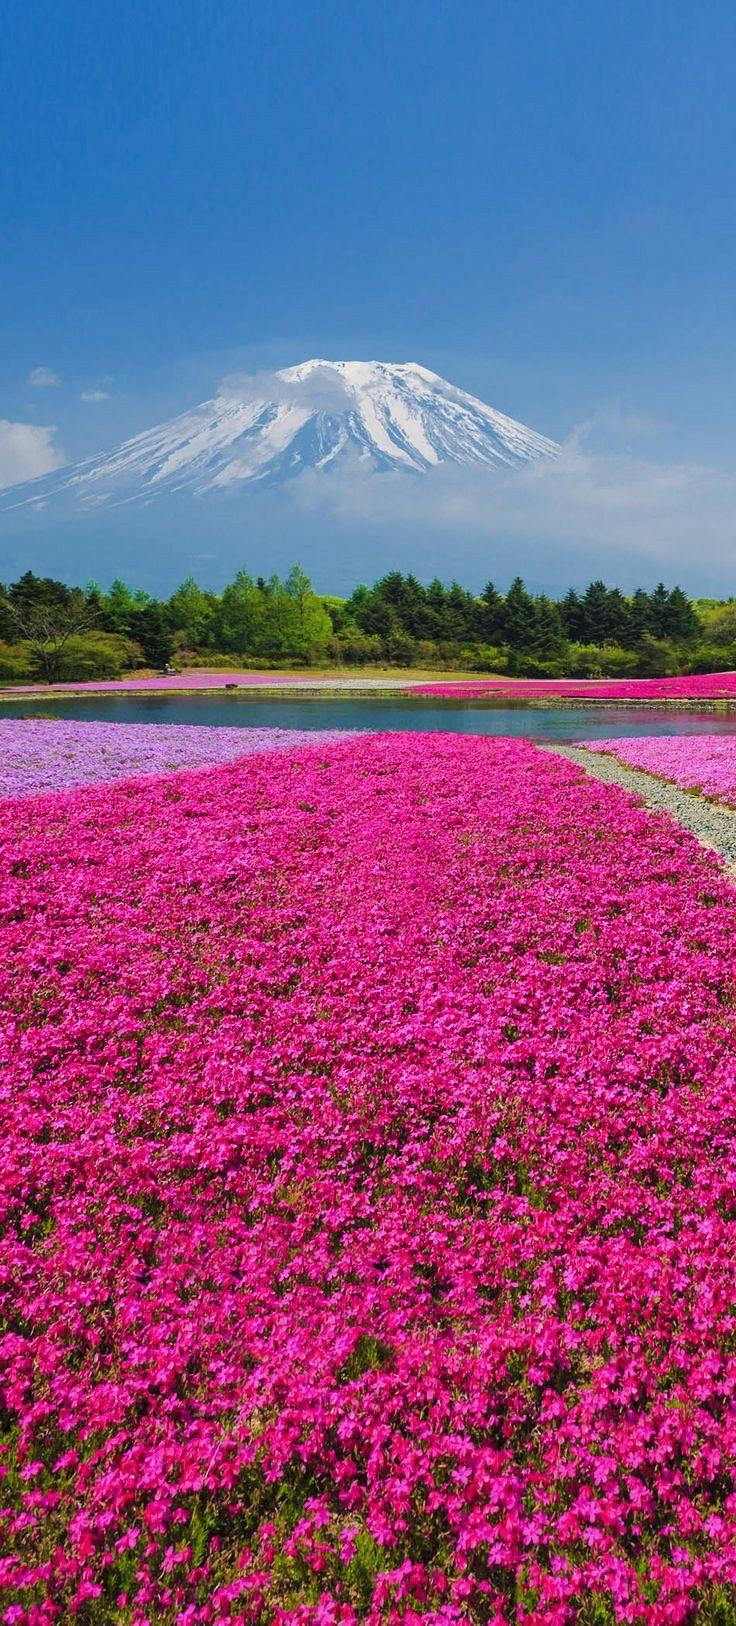 Fuji Shibazakura An Pink Moss